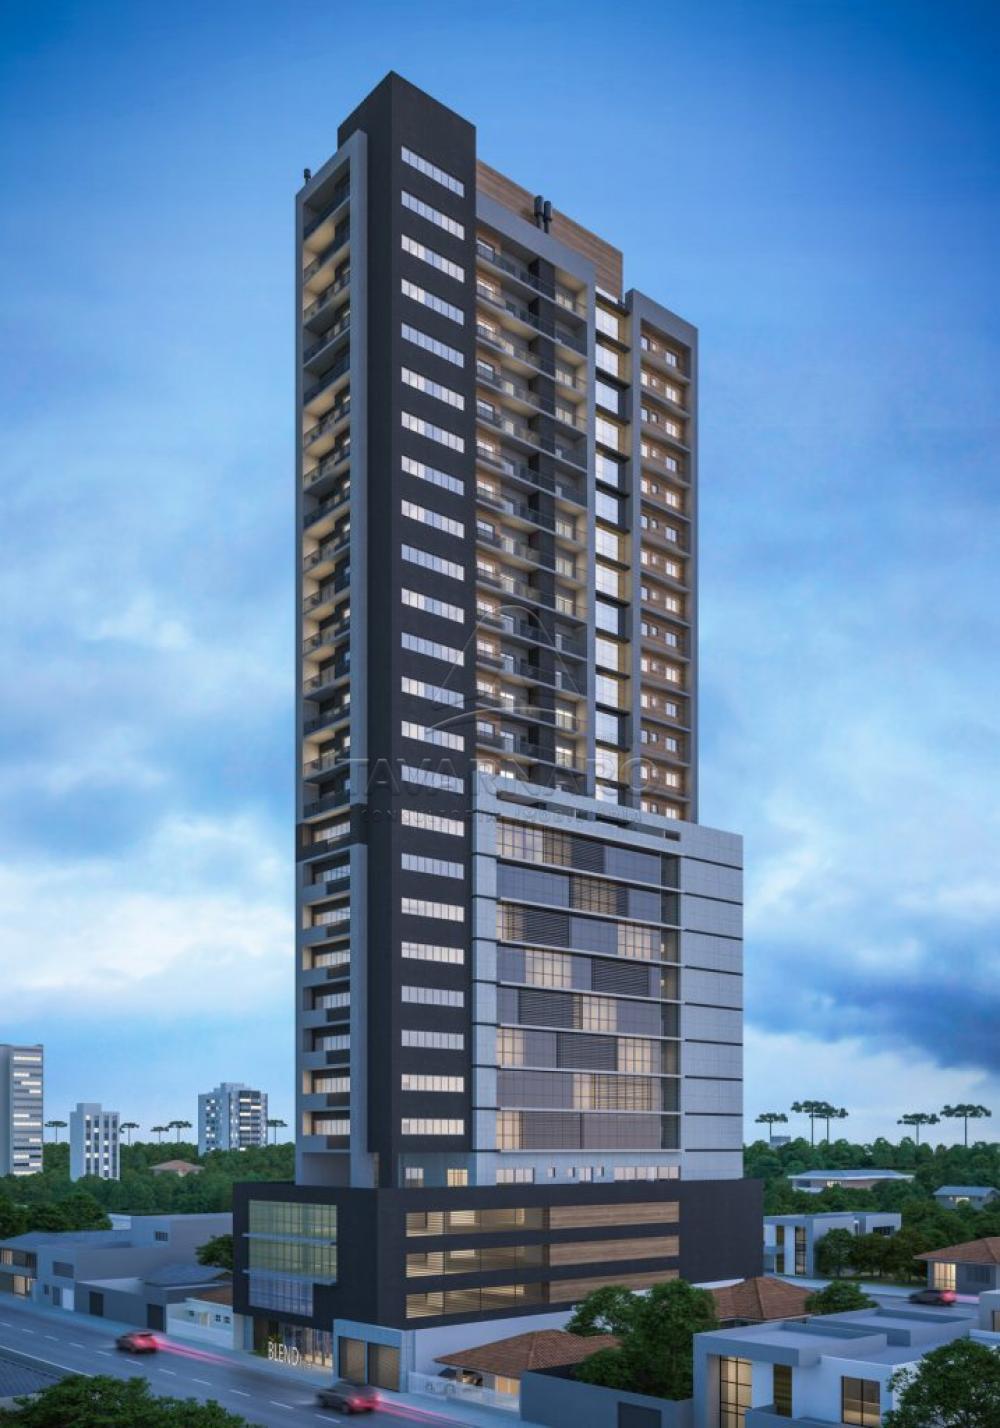 Comprar Apartamento / Padrão em Ponta Grossa apenas R$ 301.394,39 - Foto 4